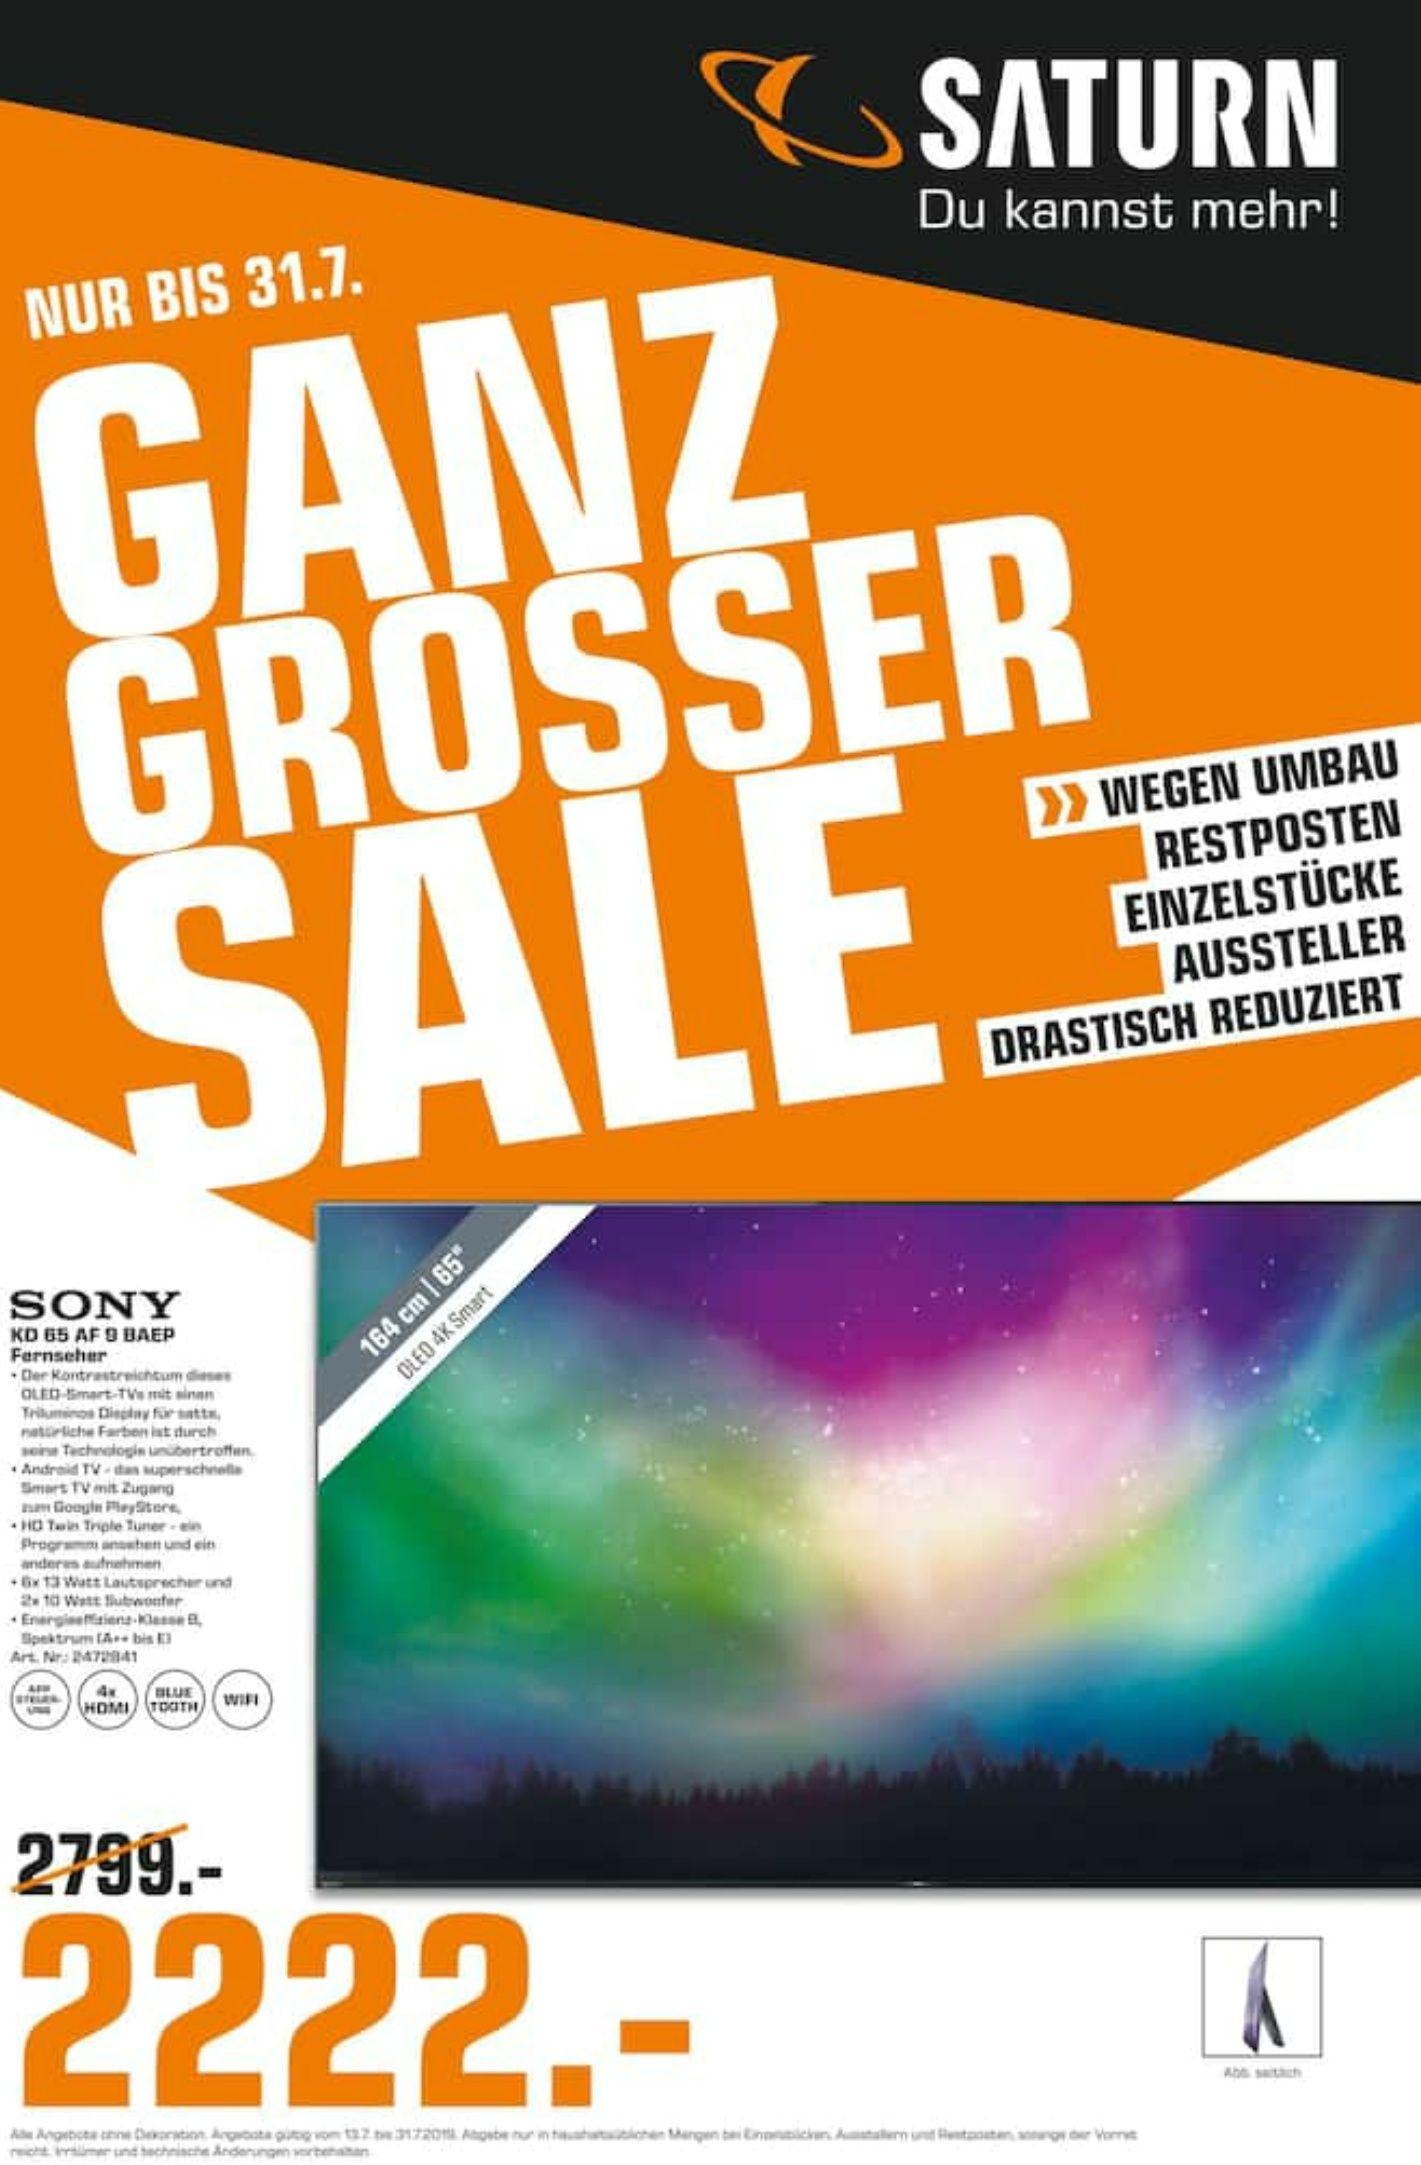 """[Saturn Nürnberg] Sony 65AF9 65"""" 4K Dolby Vision OLED Restposten kein Aussteller"""